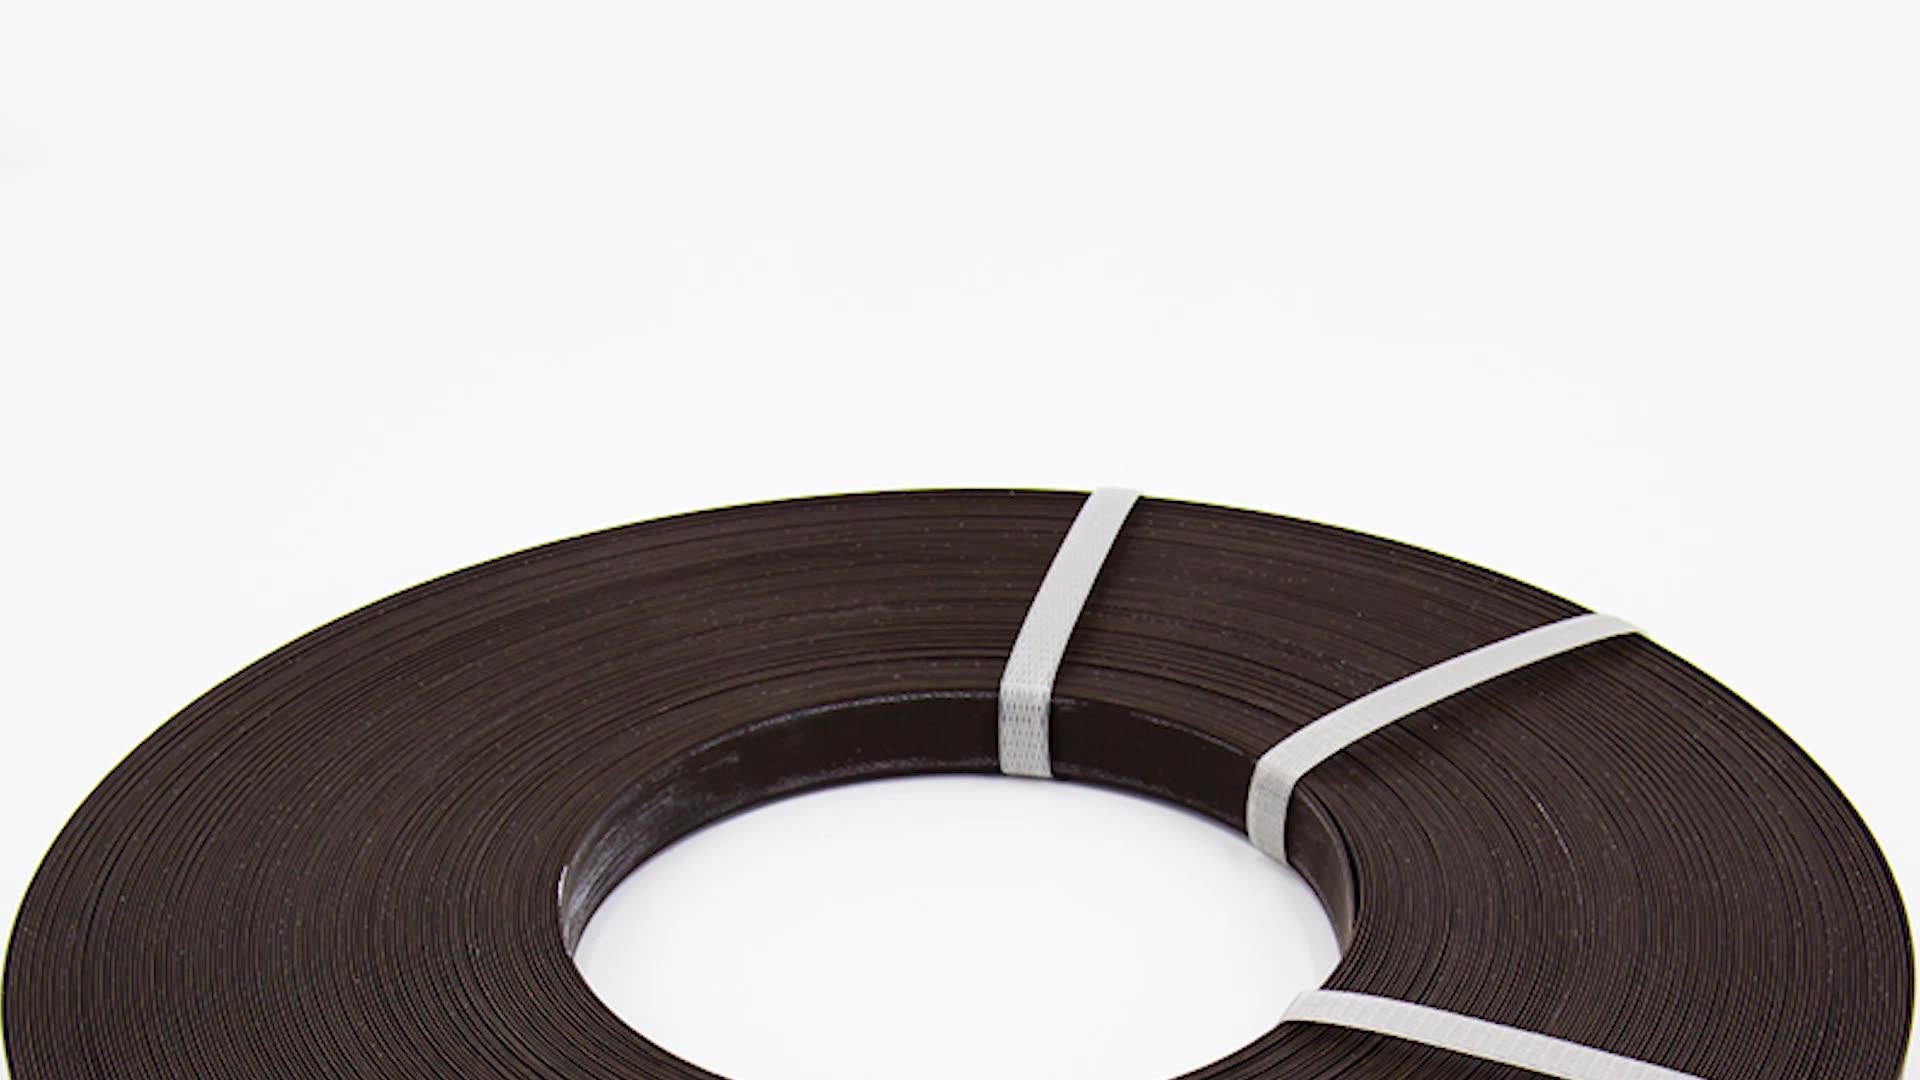 สีทึบ/ไม้สีABS PVCขอบแถบสำหรับเฟอร์นิเจอร์